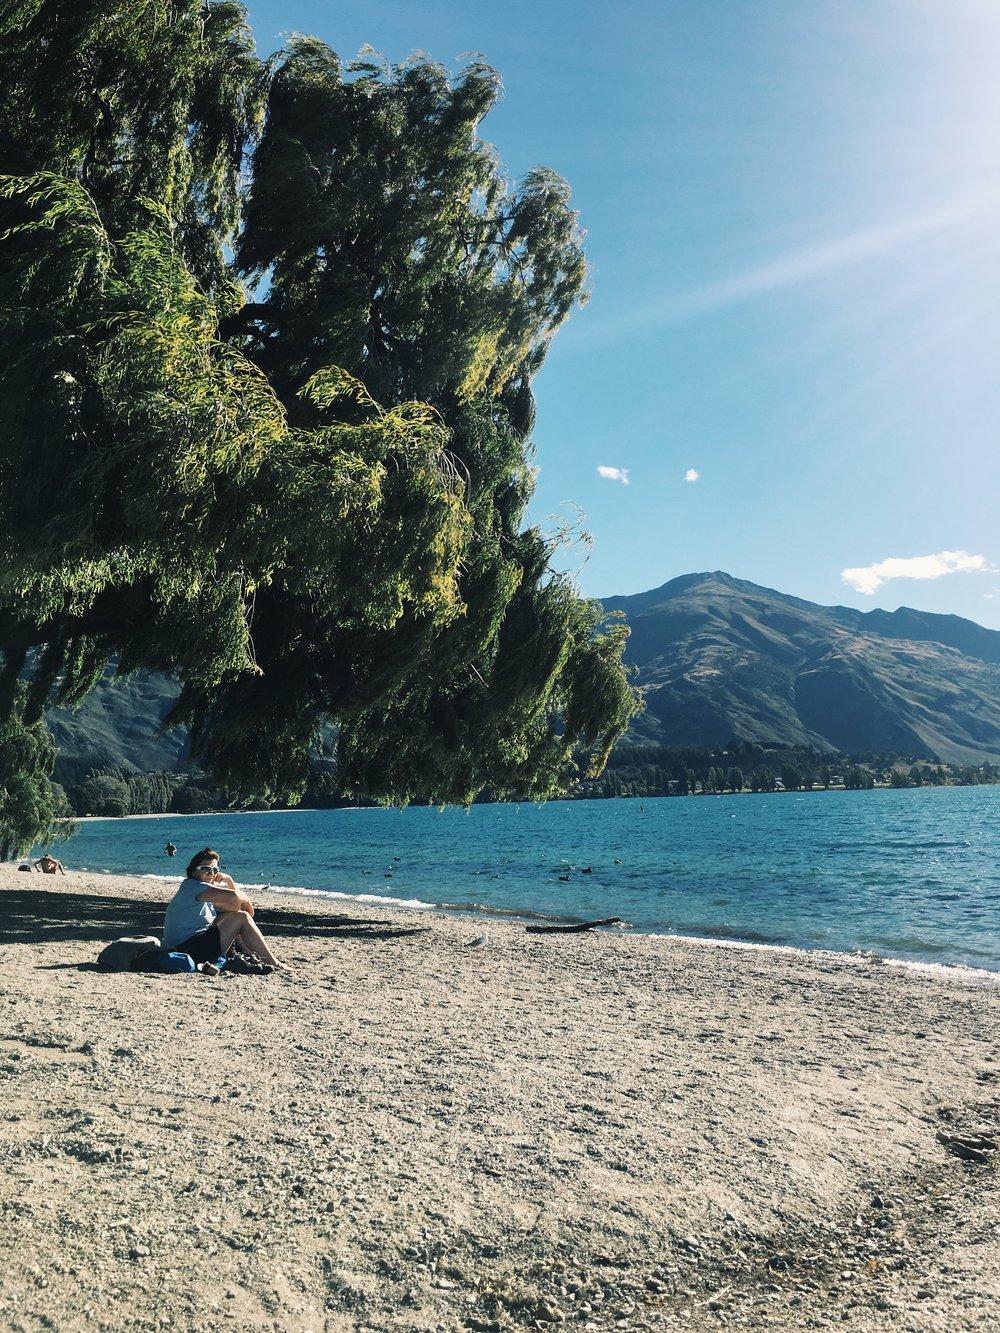 wanaka-newzealand-southisland-kiwiexperience-gretacaptures-lake